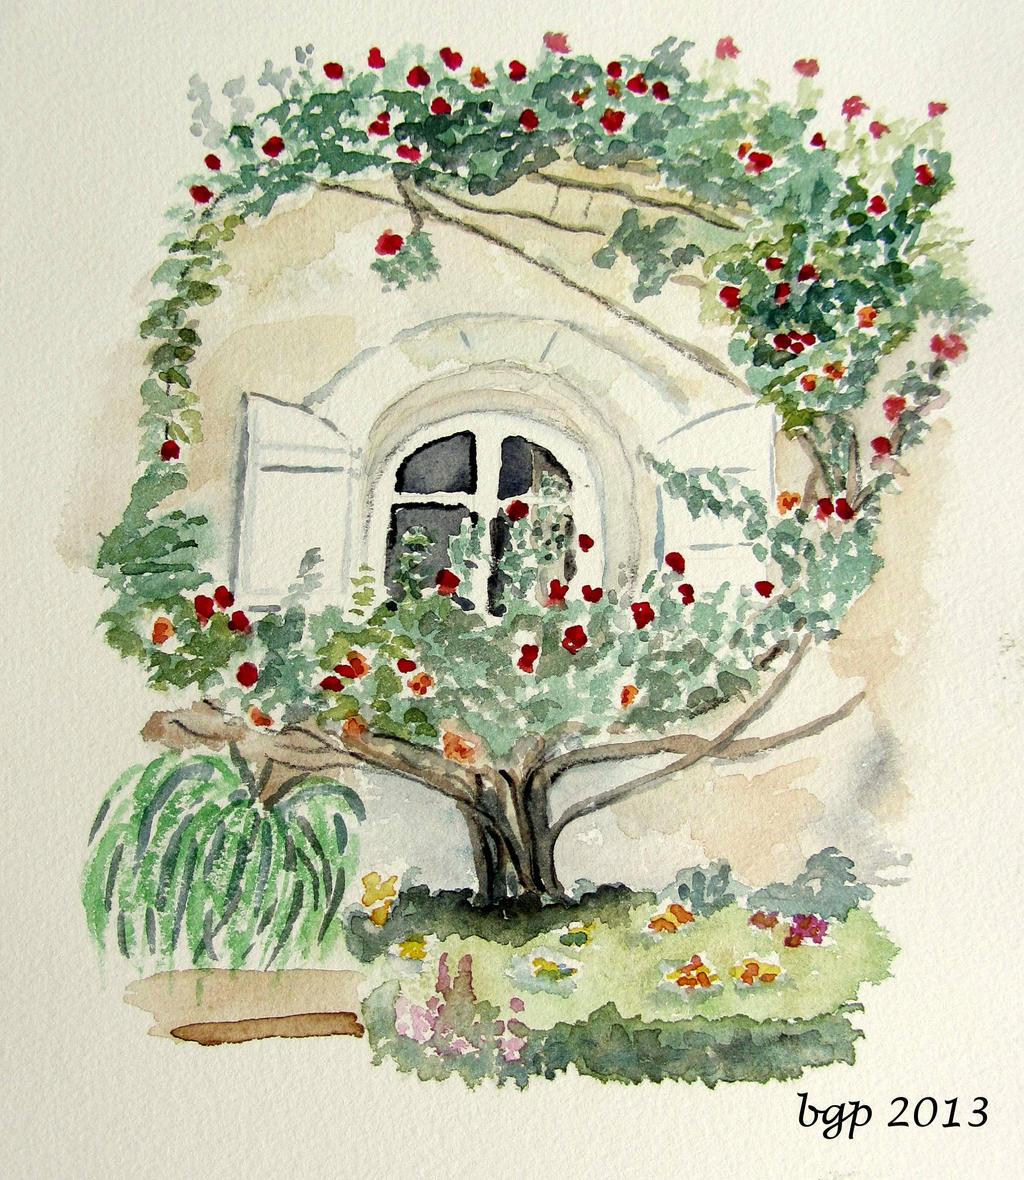 Le rosiers devant la fenetre by manette64 on deviantart for Devant la fenetre